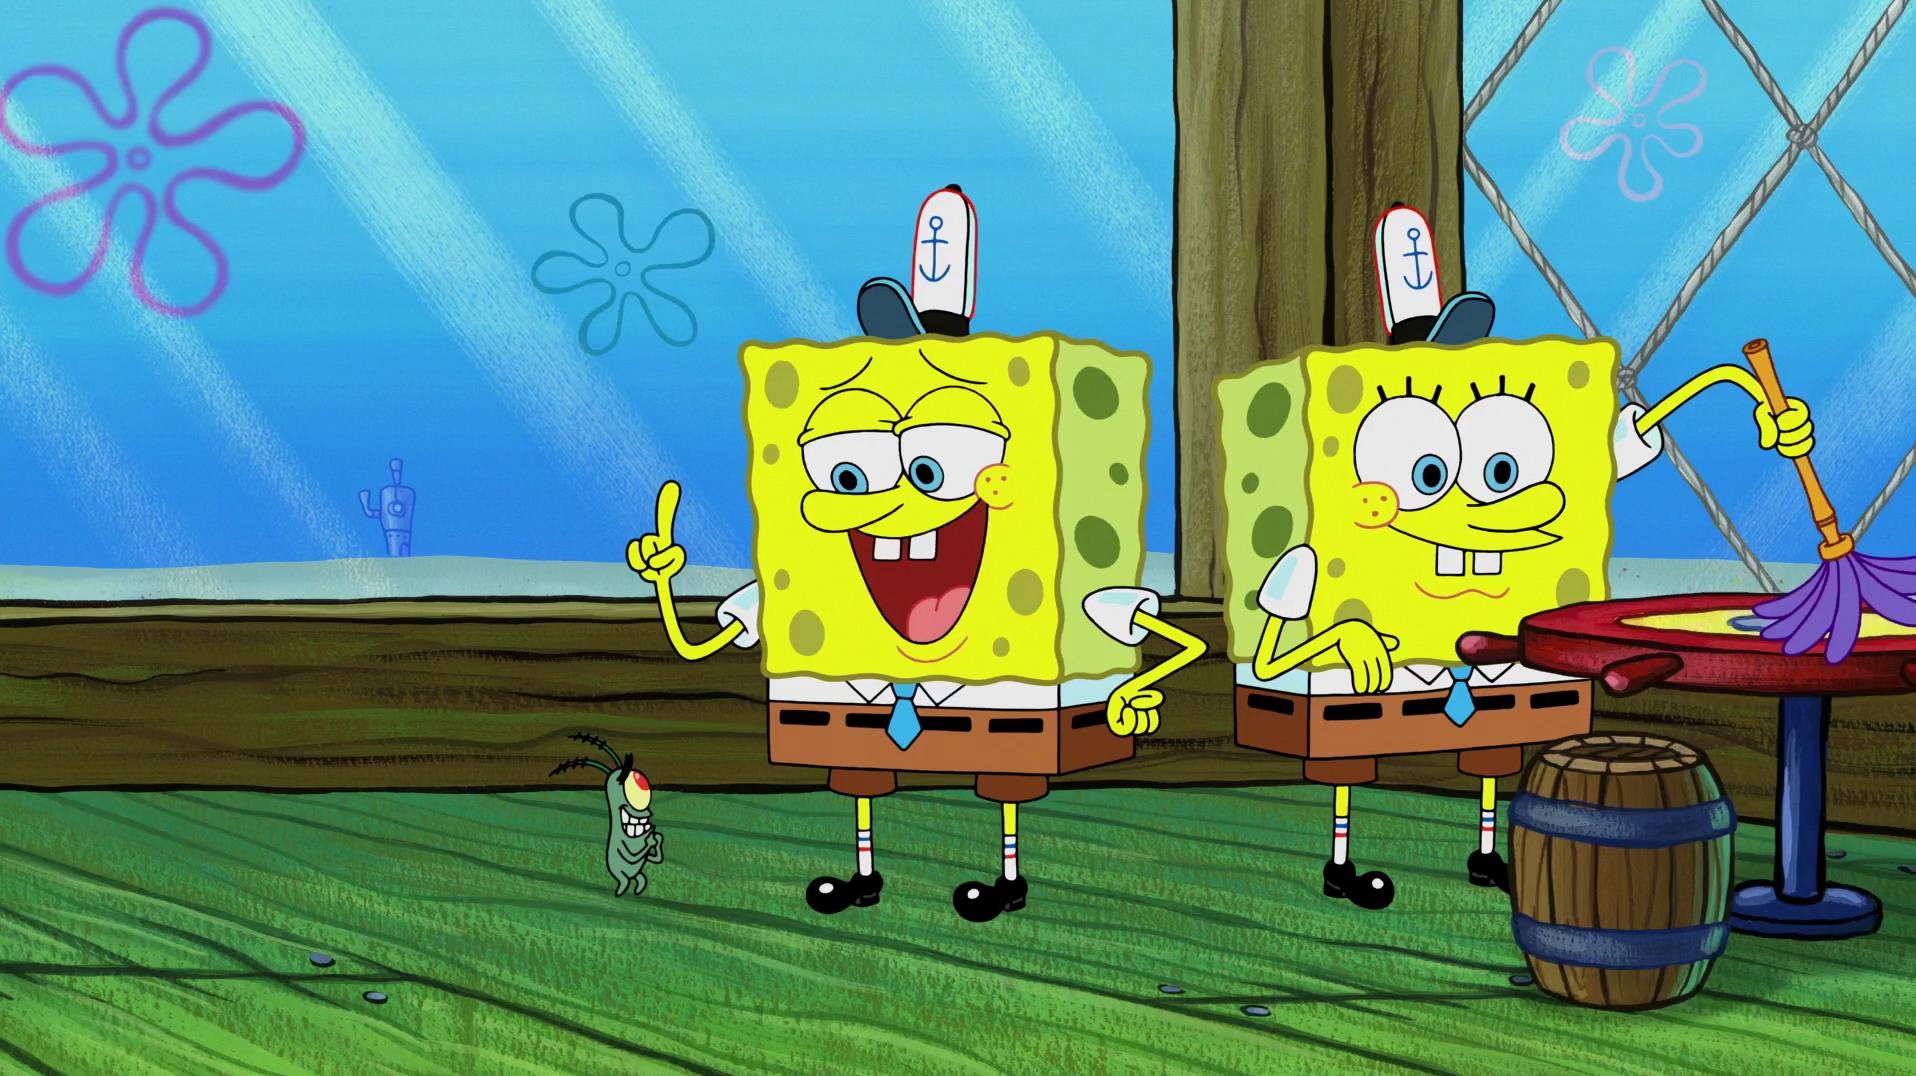 college finals meme spongebob